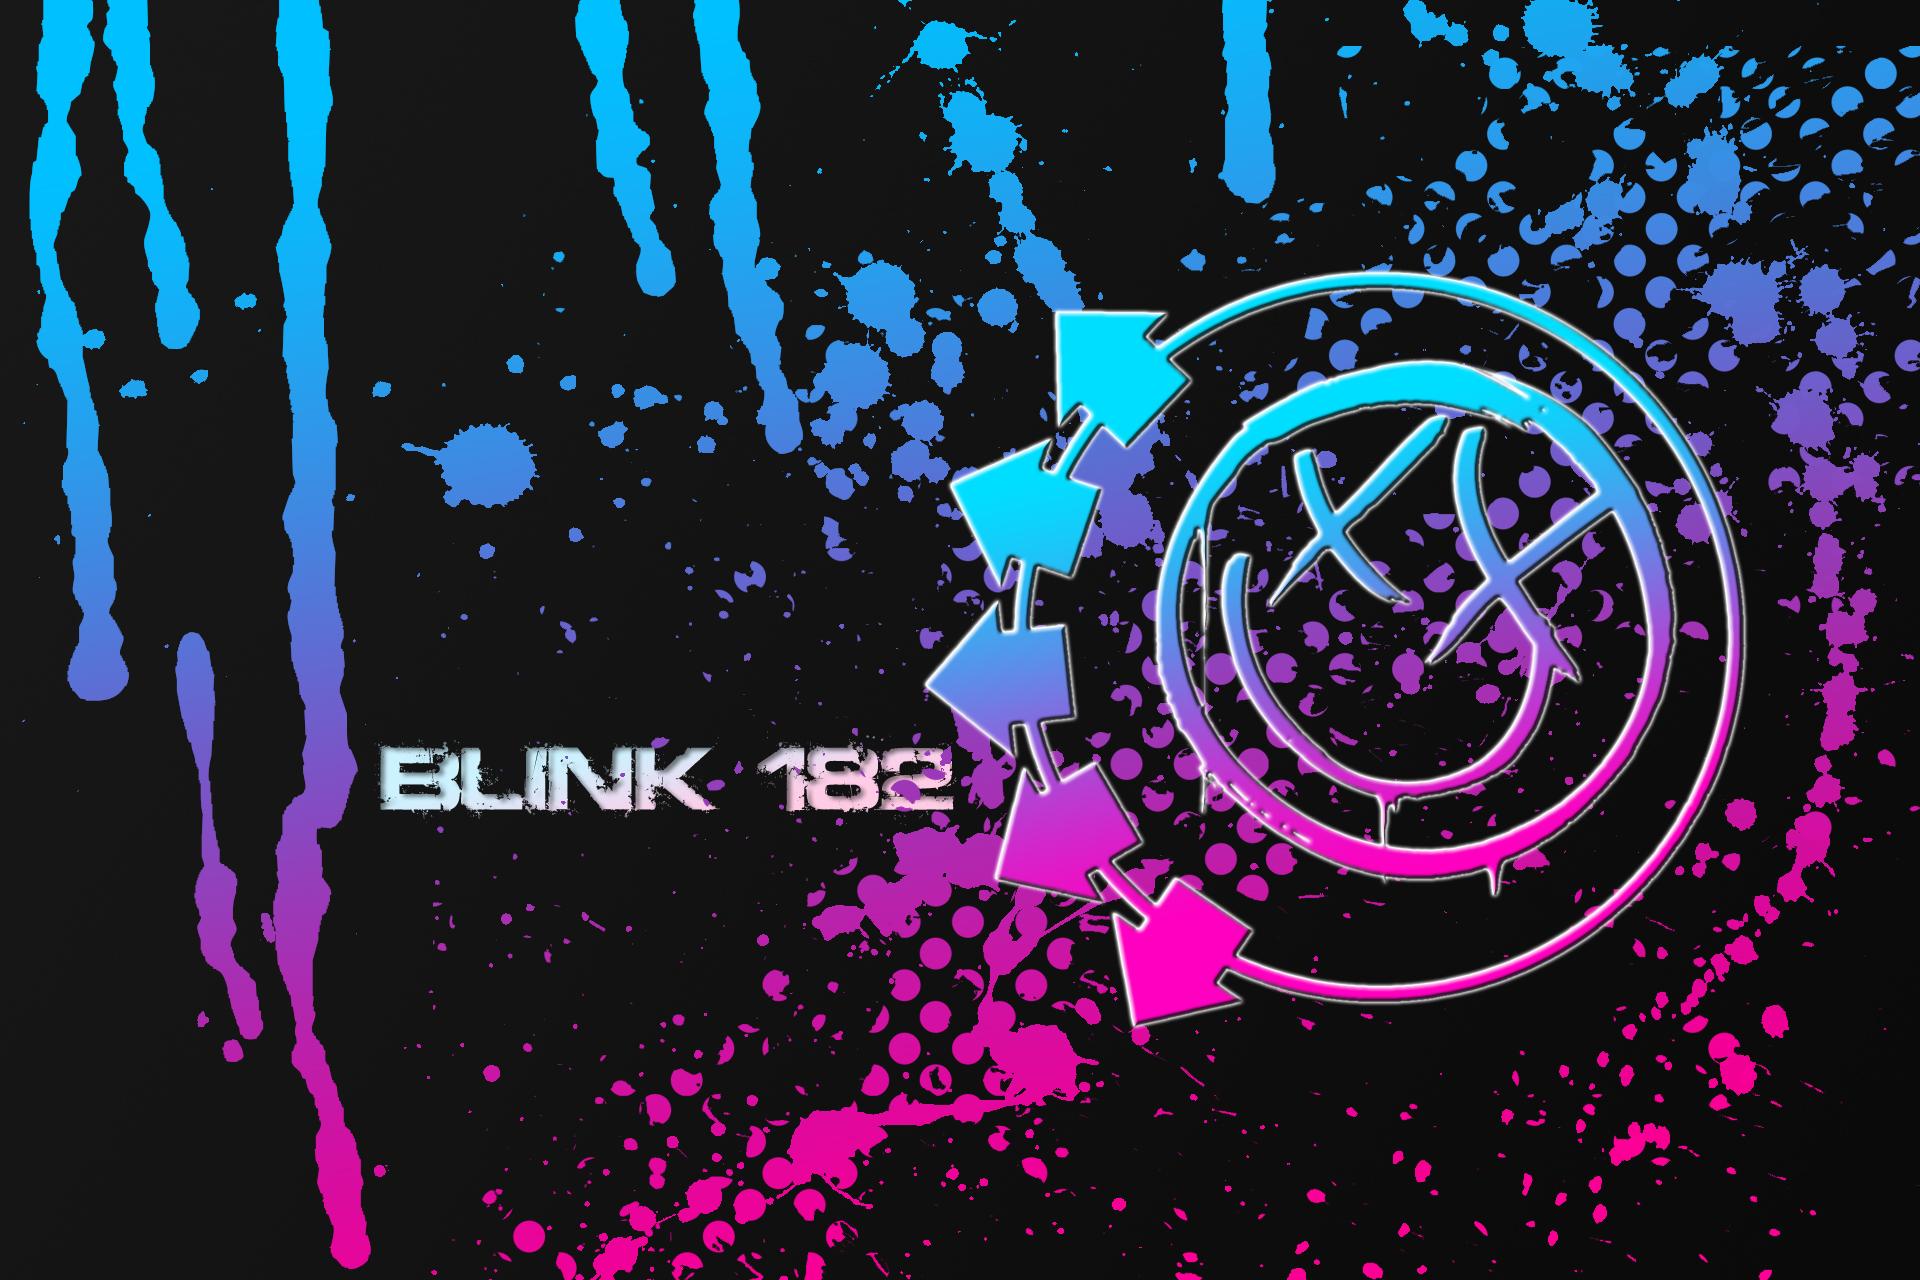 Best 20 Blink 182 Background on HipWallpaper Blink 182 Smiley 1920x1280